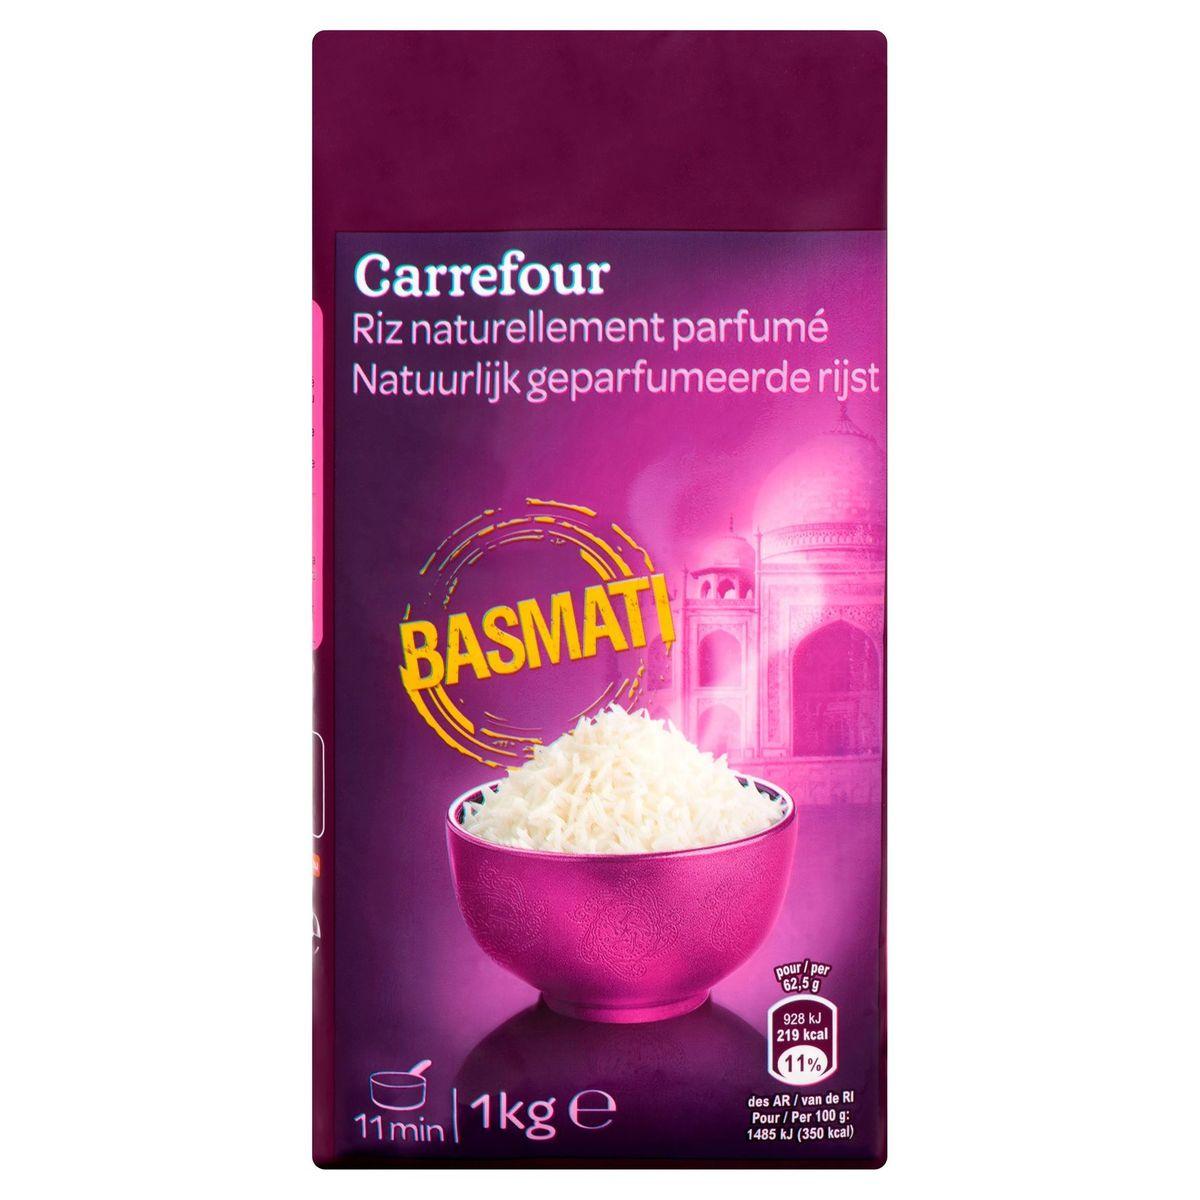 Carrefour Basmati Riz Naturellement Parfumé 1 kg